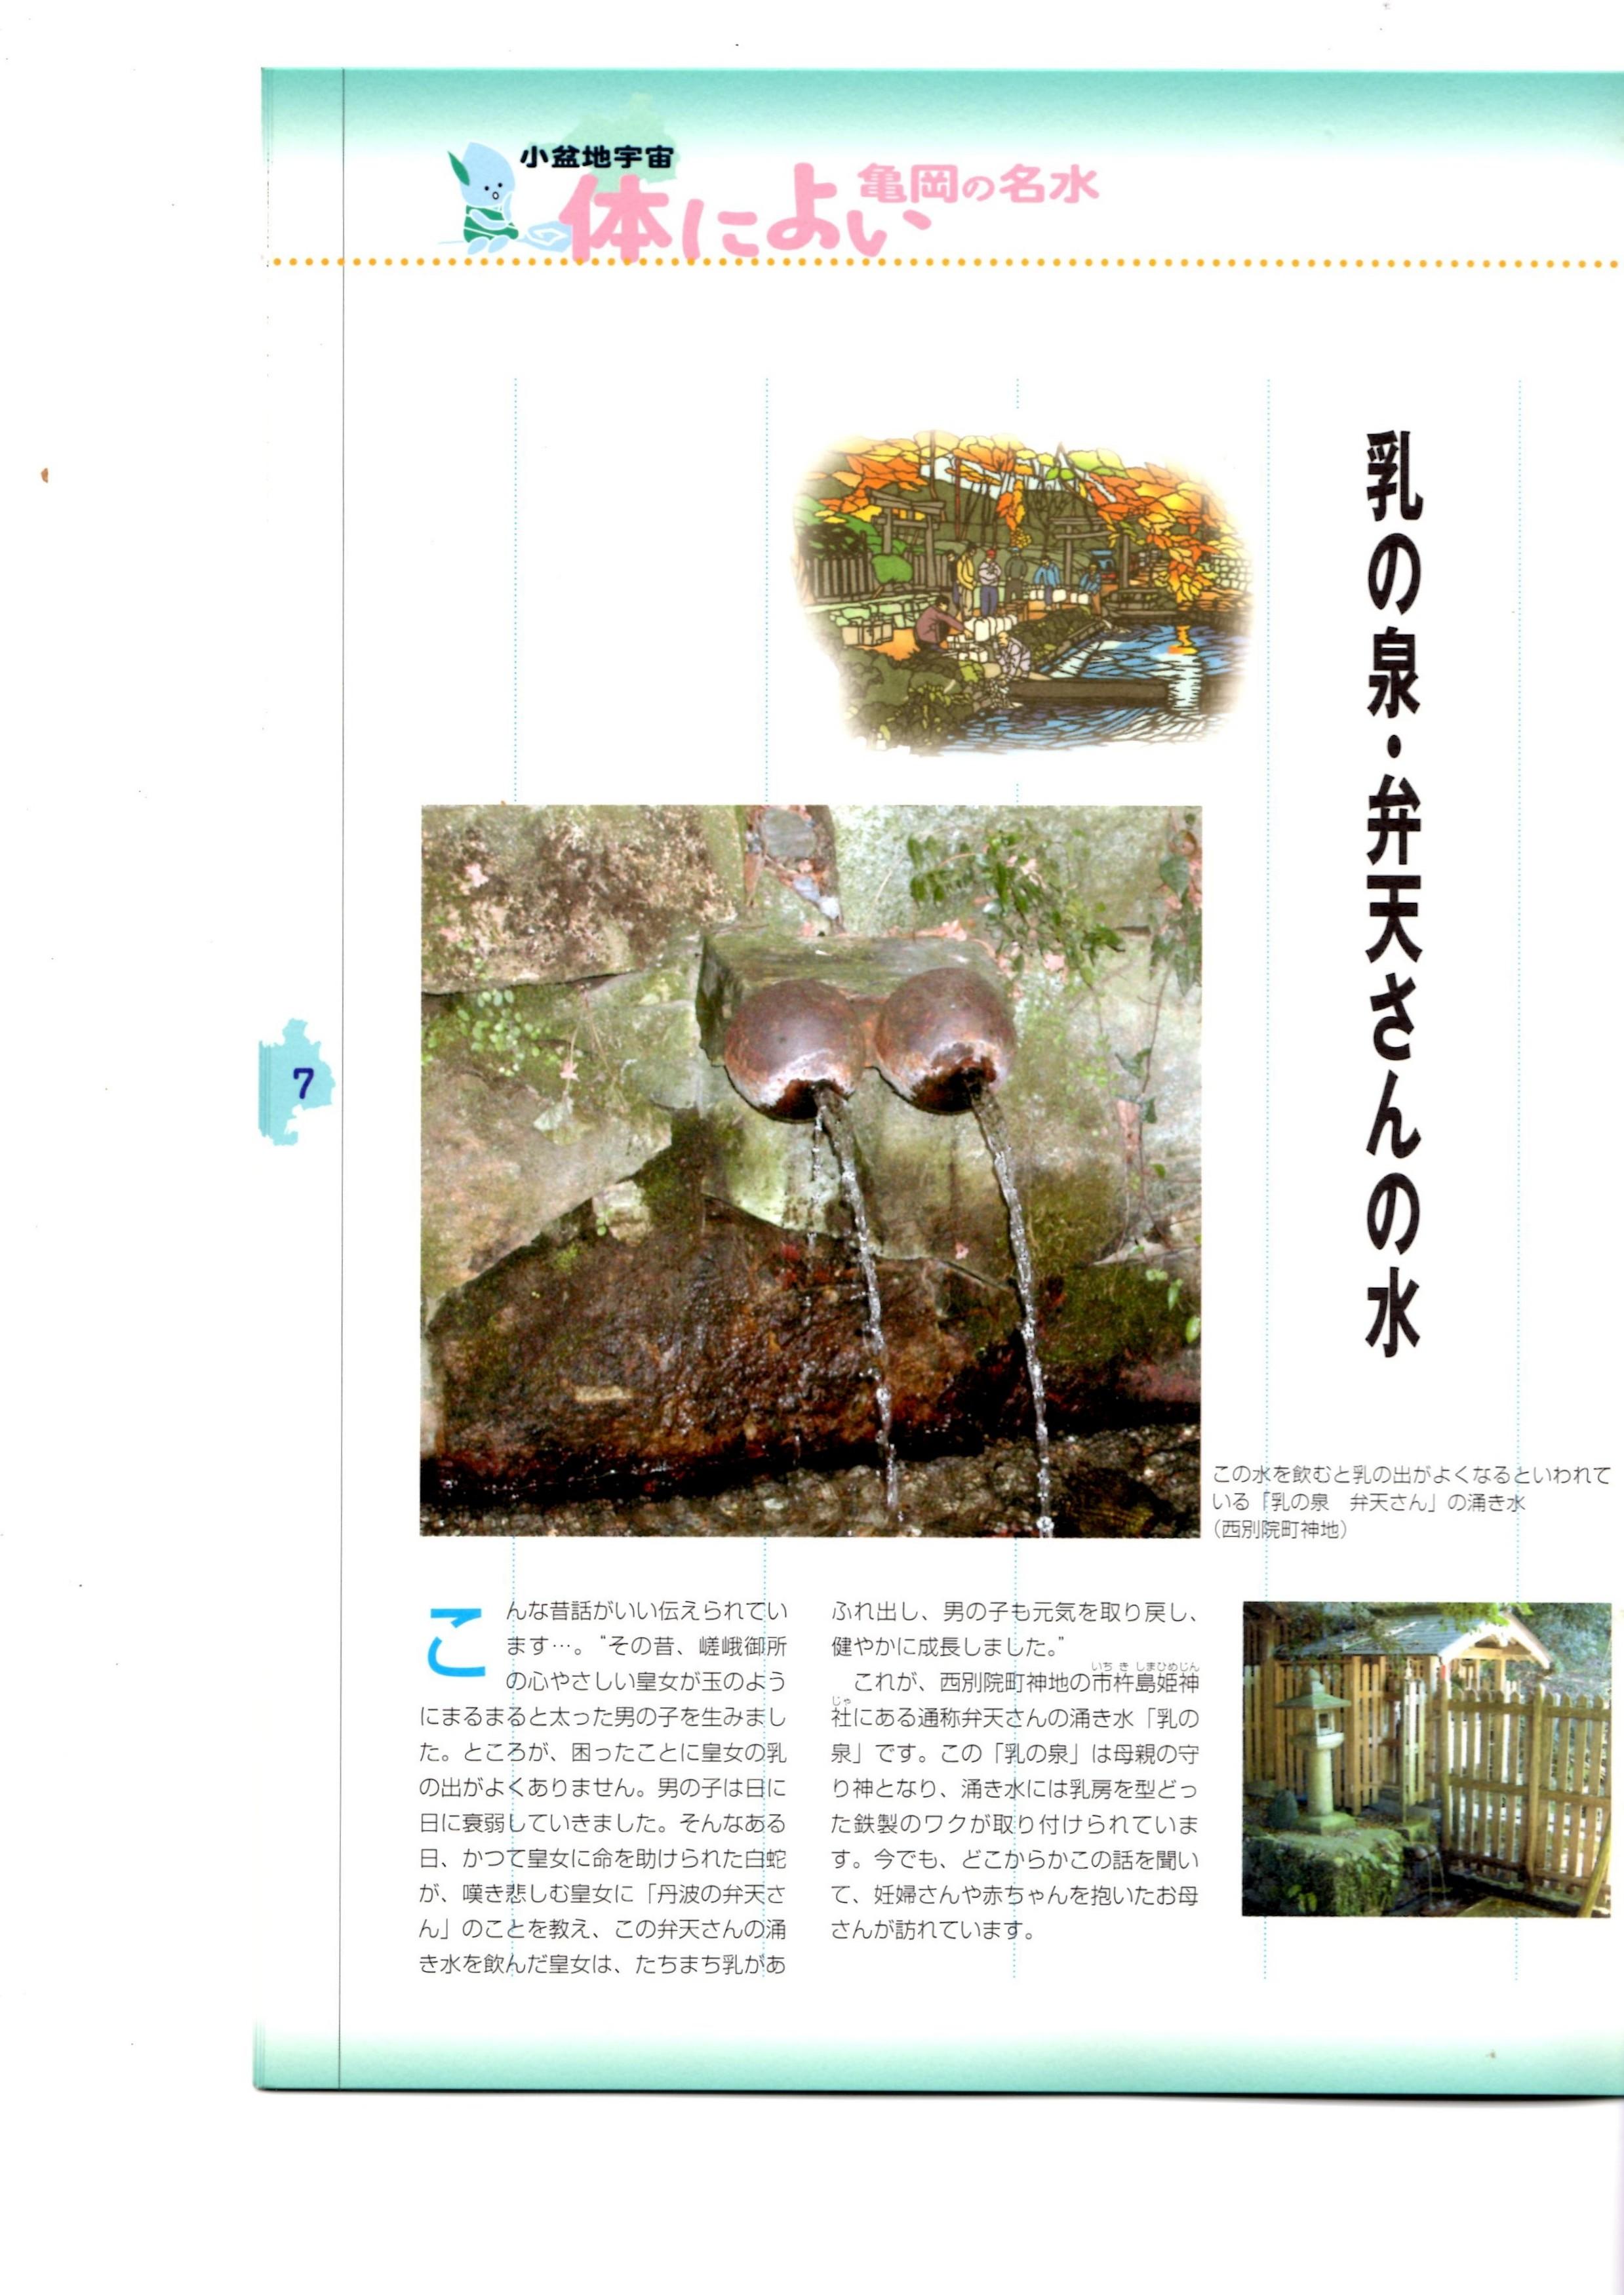 201610200610125ab.jpg